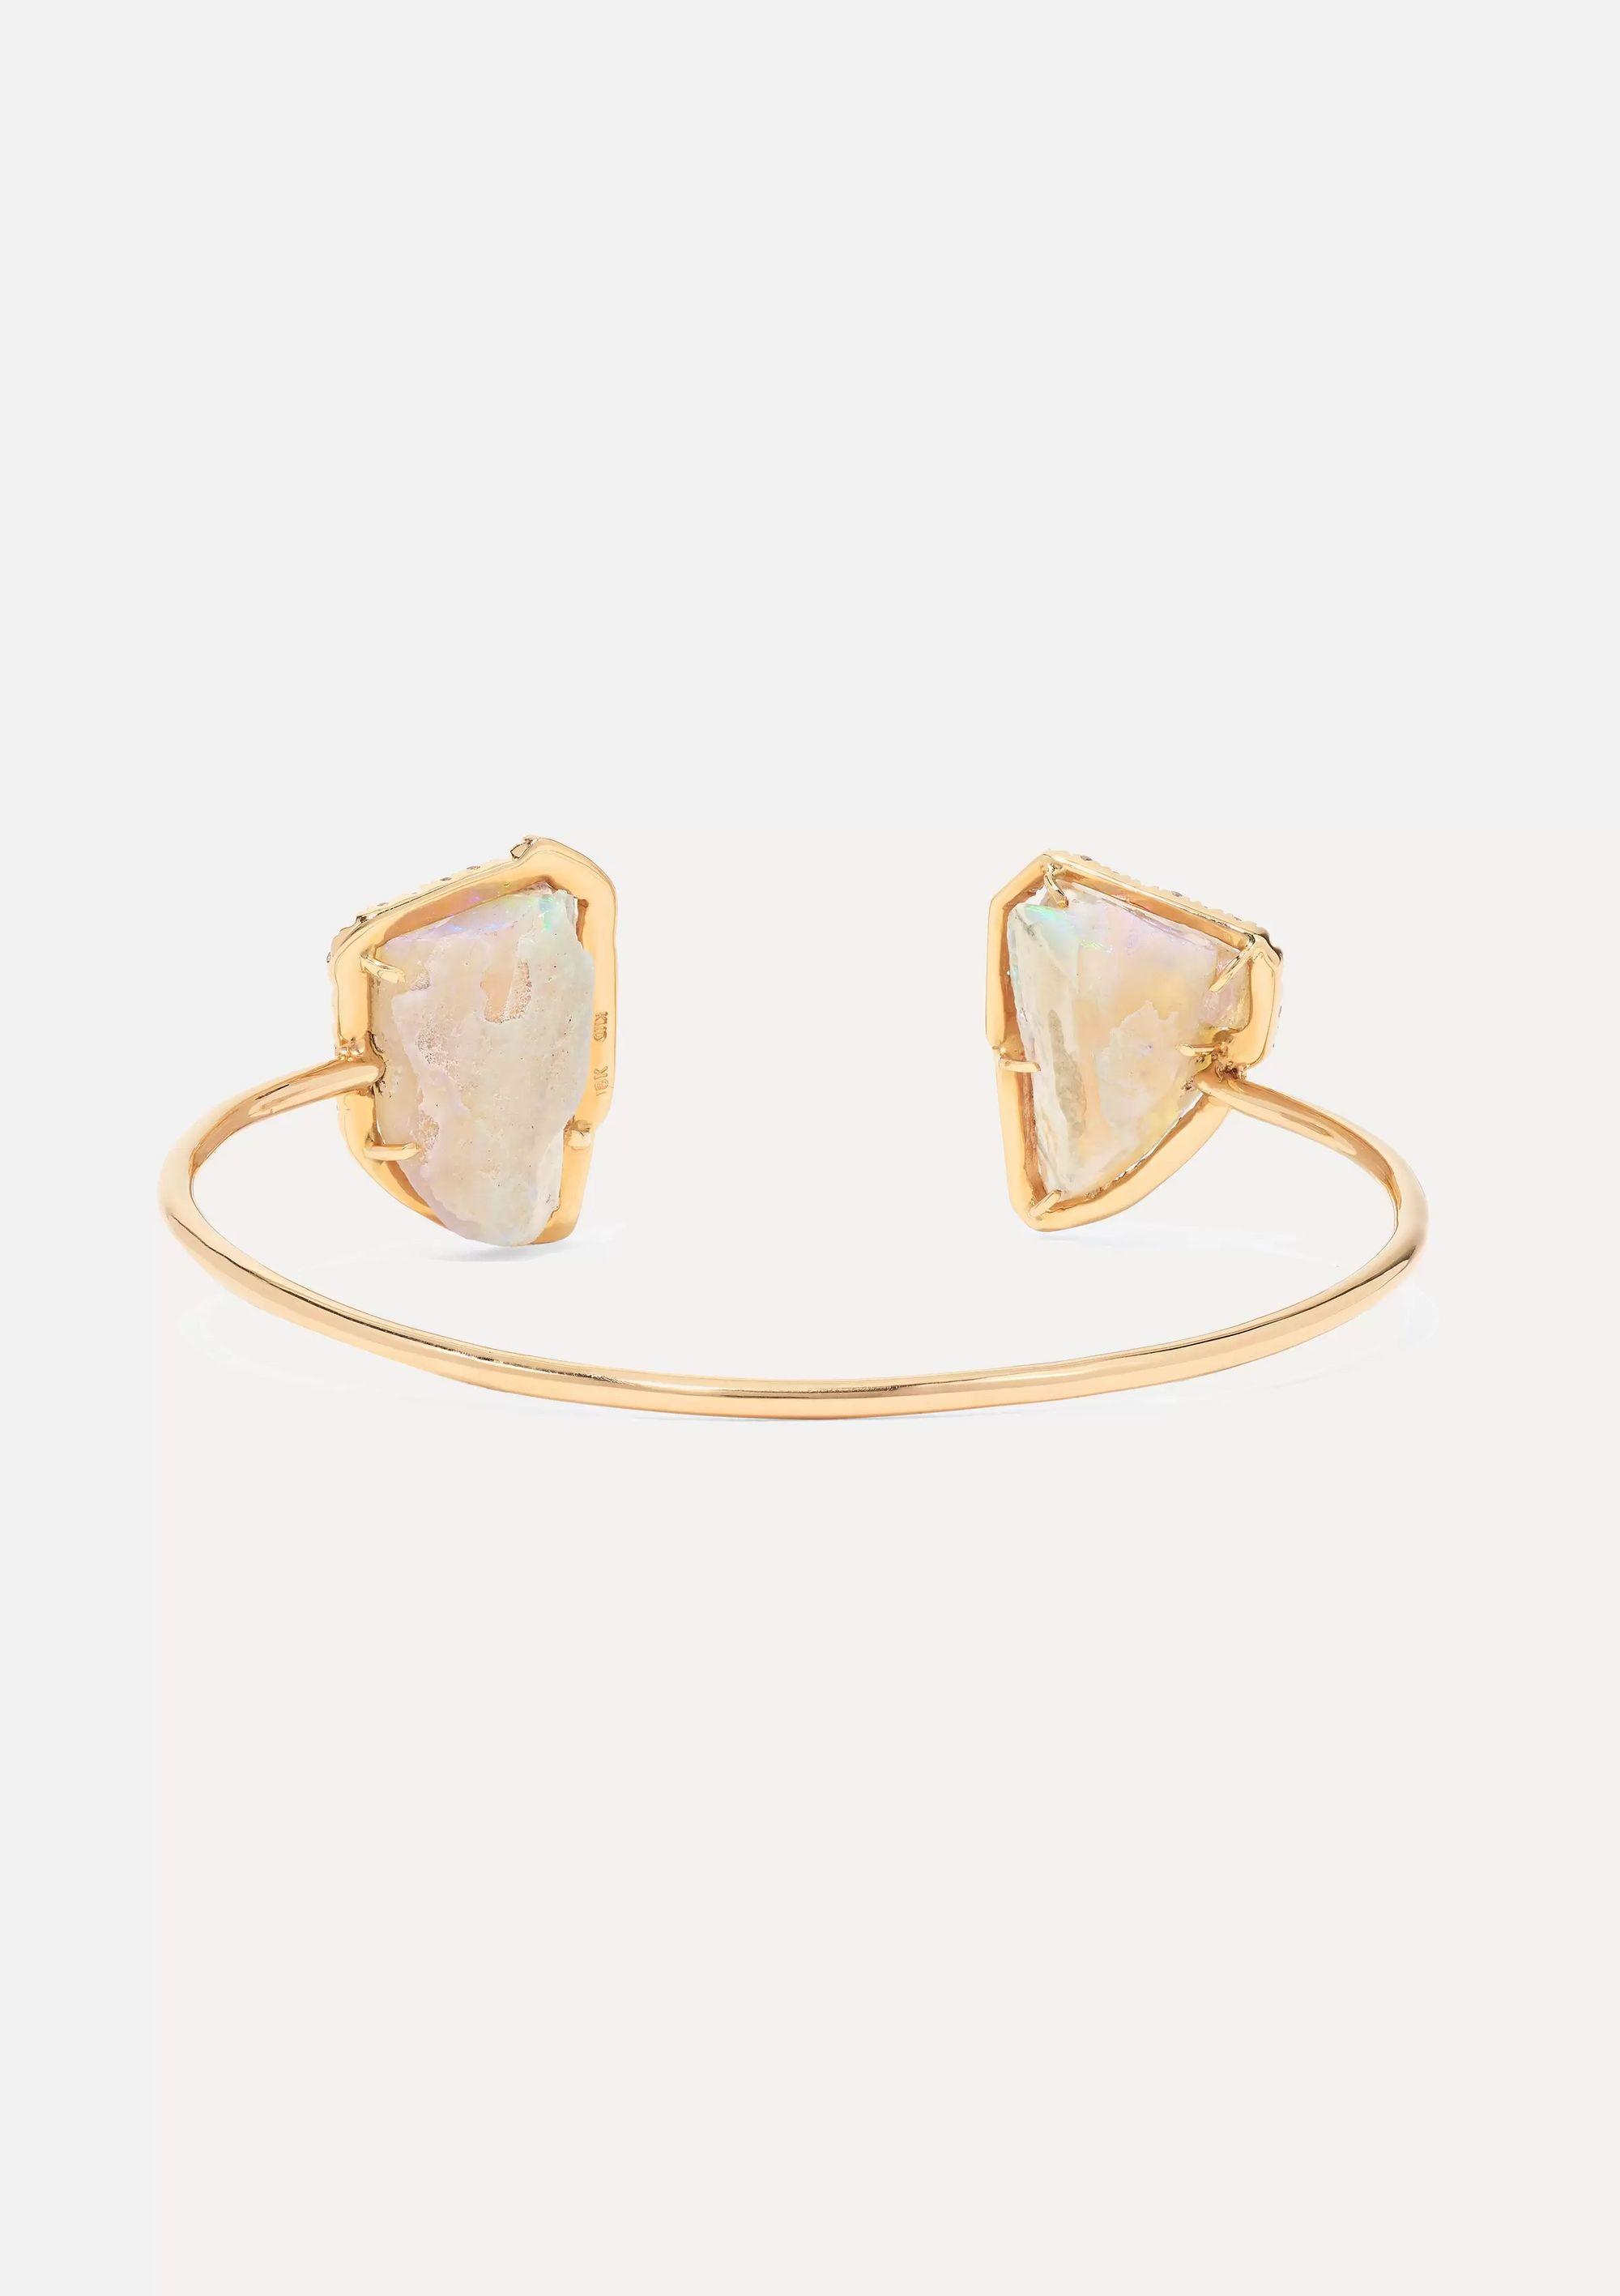 Kimberly McDonald 18-karat rose gold, opal and diamond cuff